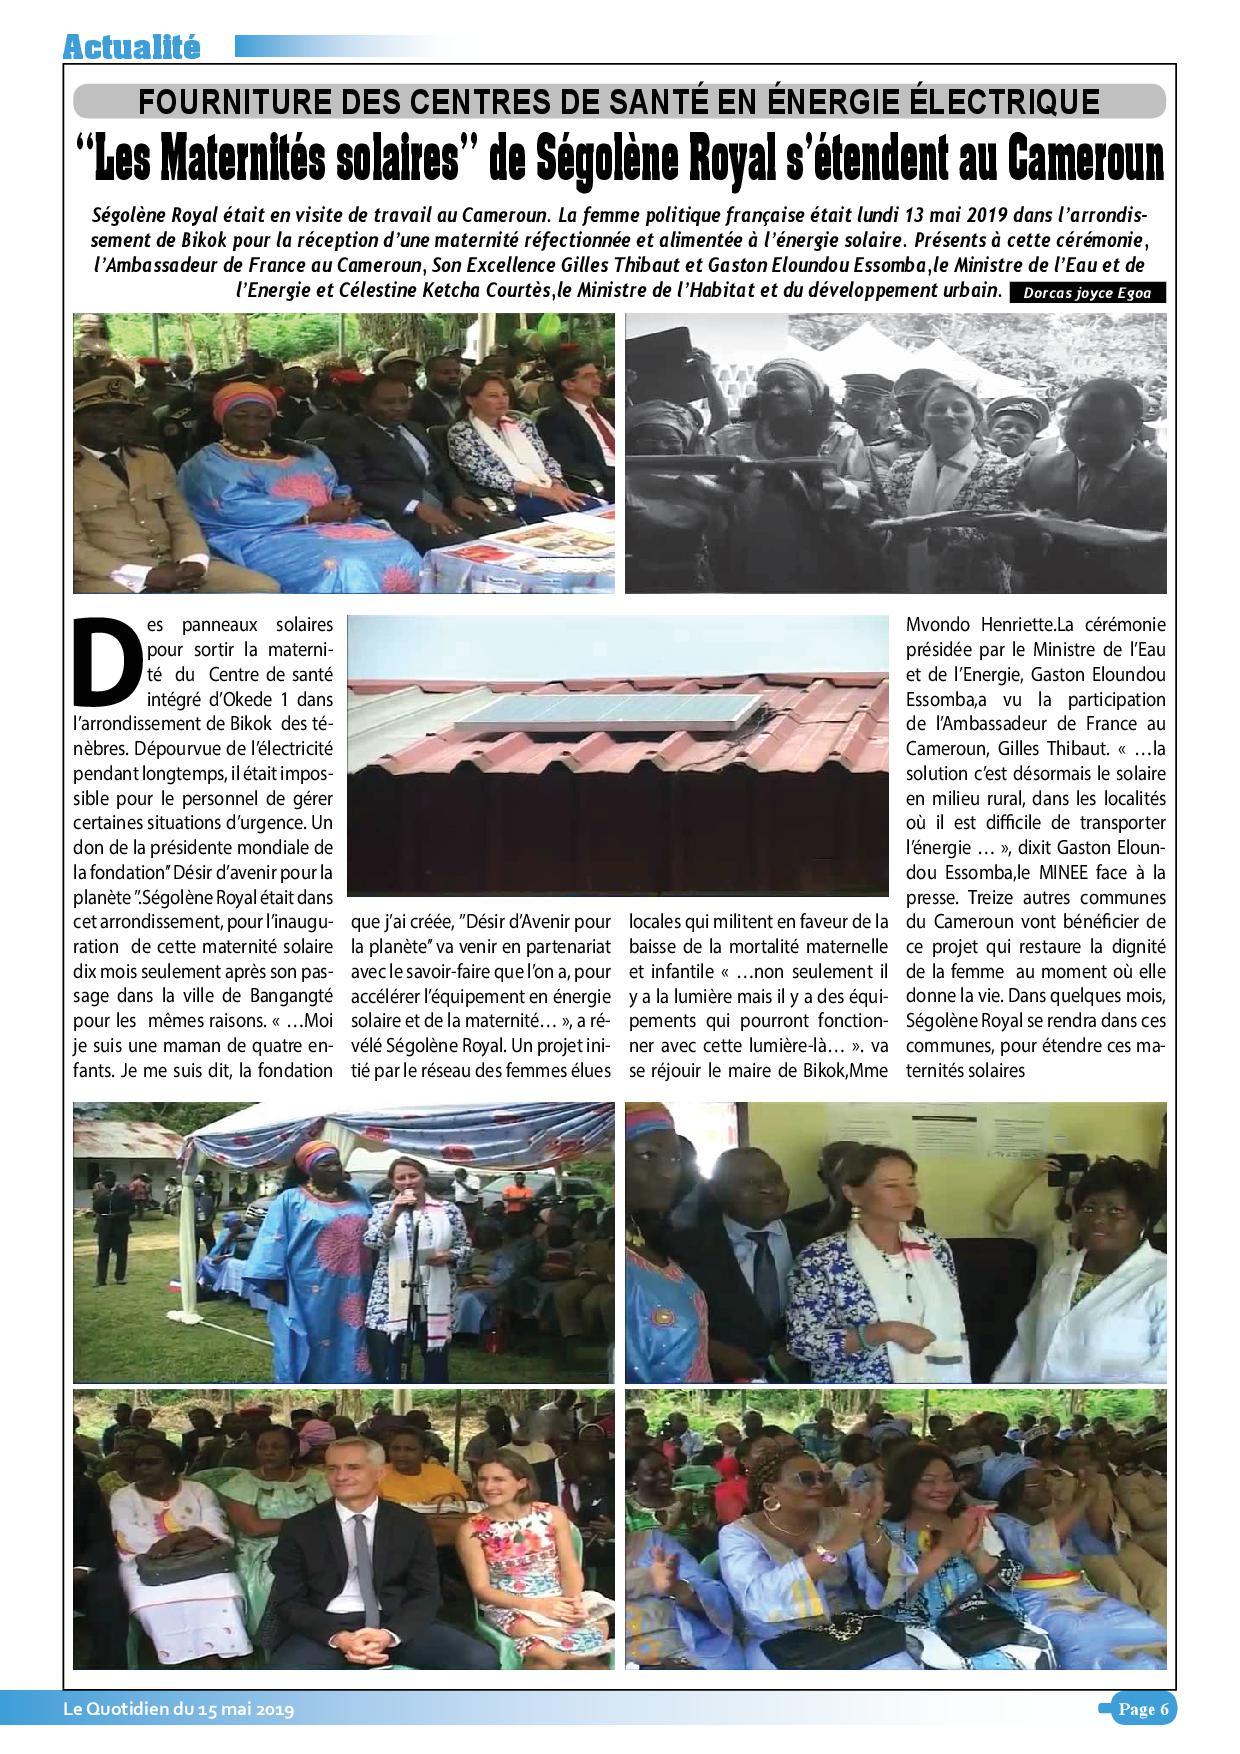 Le Quotidien du 15 mai 2019 VN1